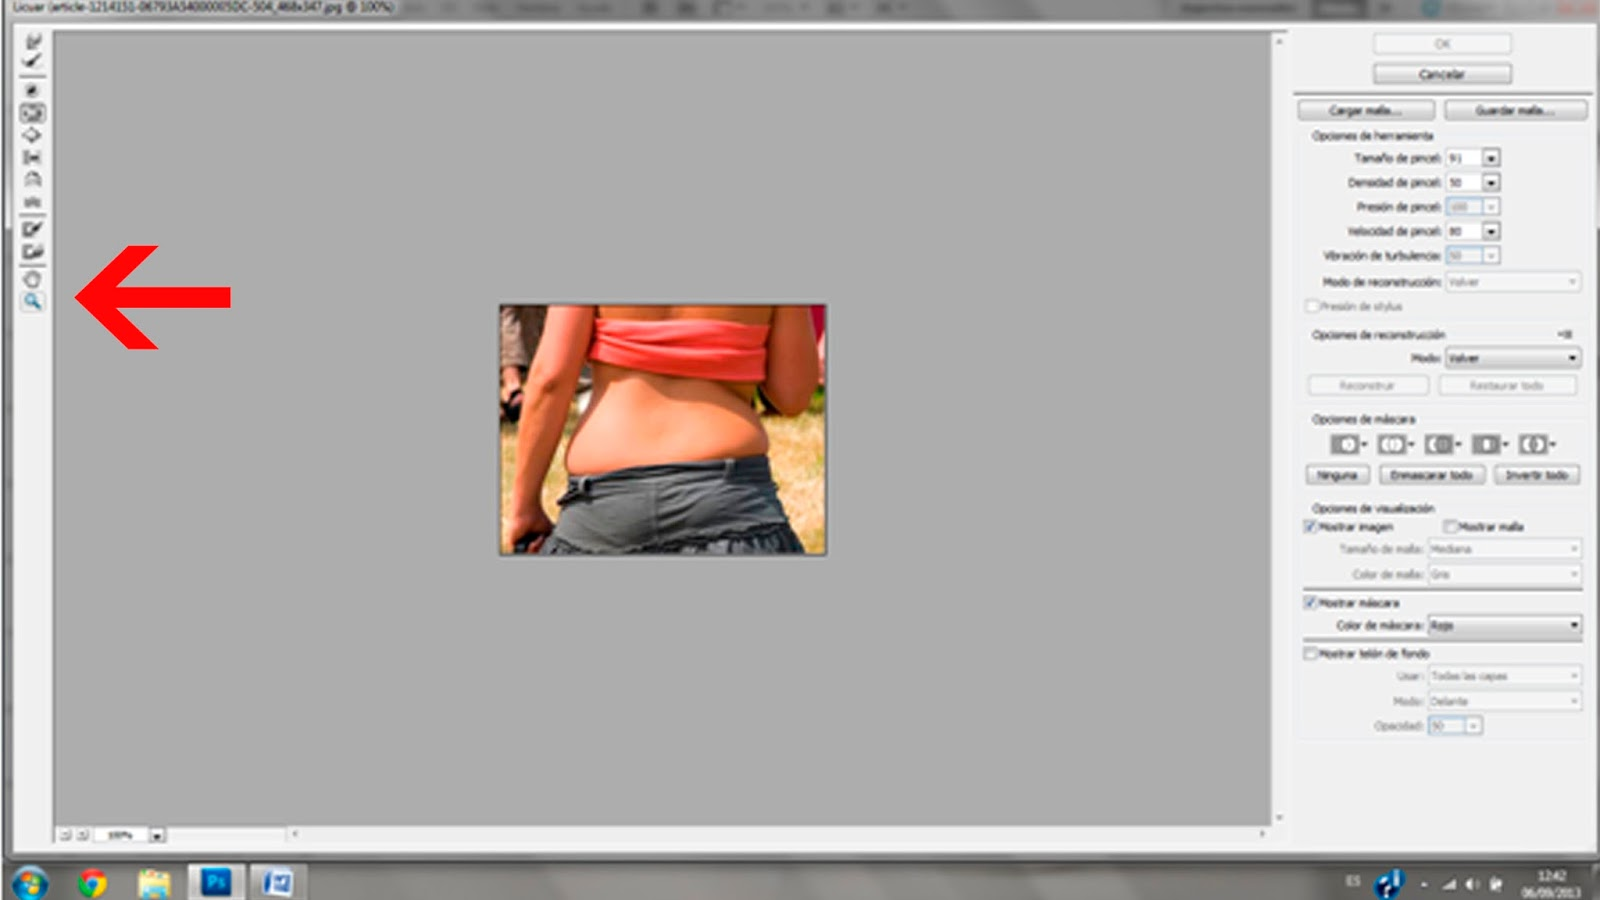 Como quitar la grasa abdominal en 1 semana renunciar